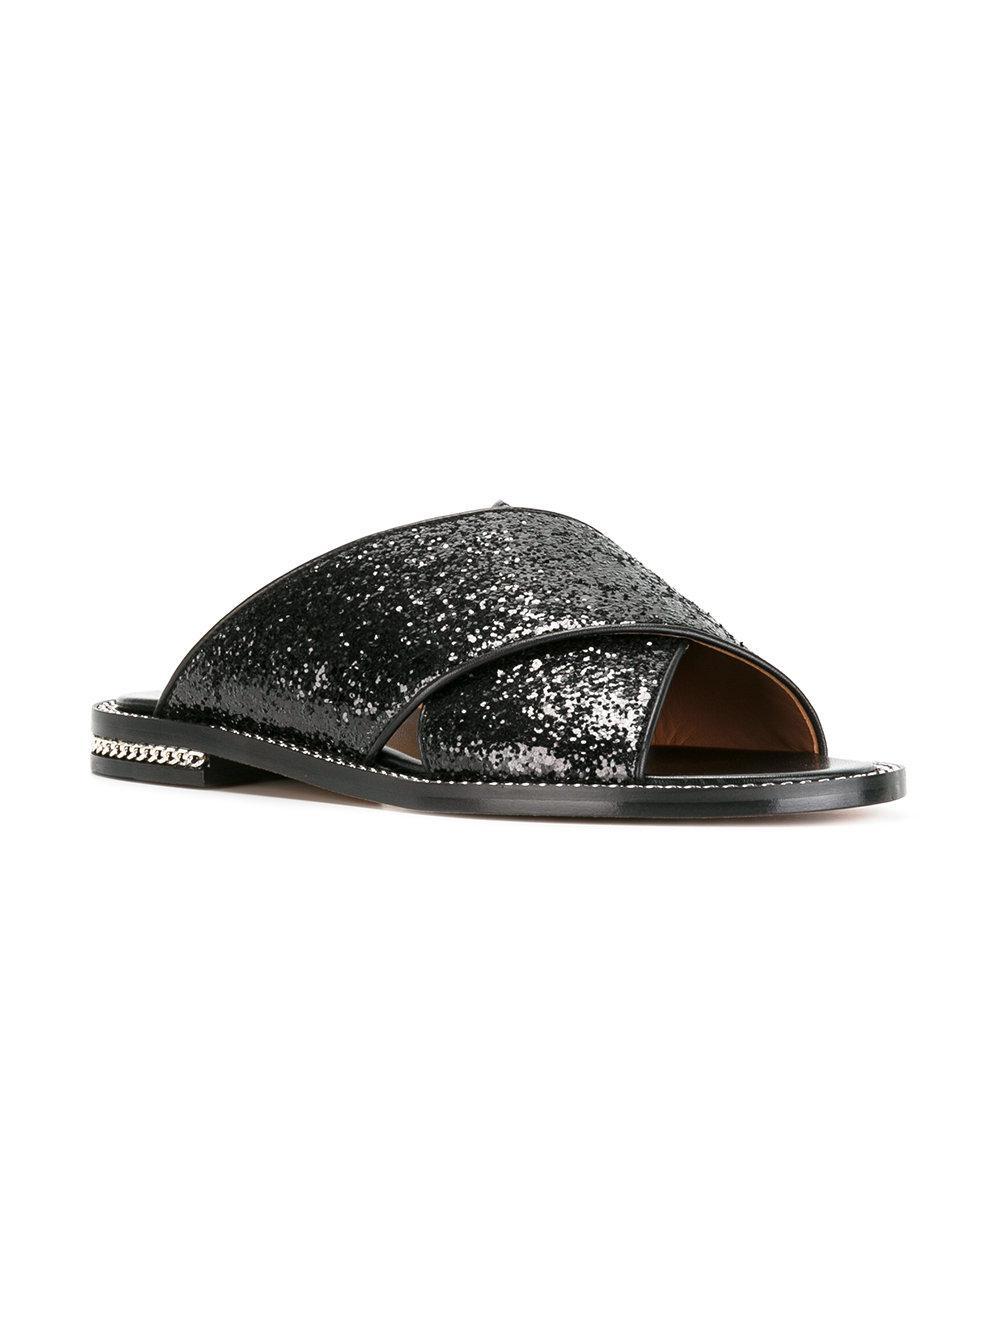 Cuir Logo Imprimé Rue Urbaine Glisser Sur Chaussures De Sport - Blanc Givenchy gvA2J